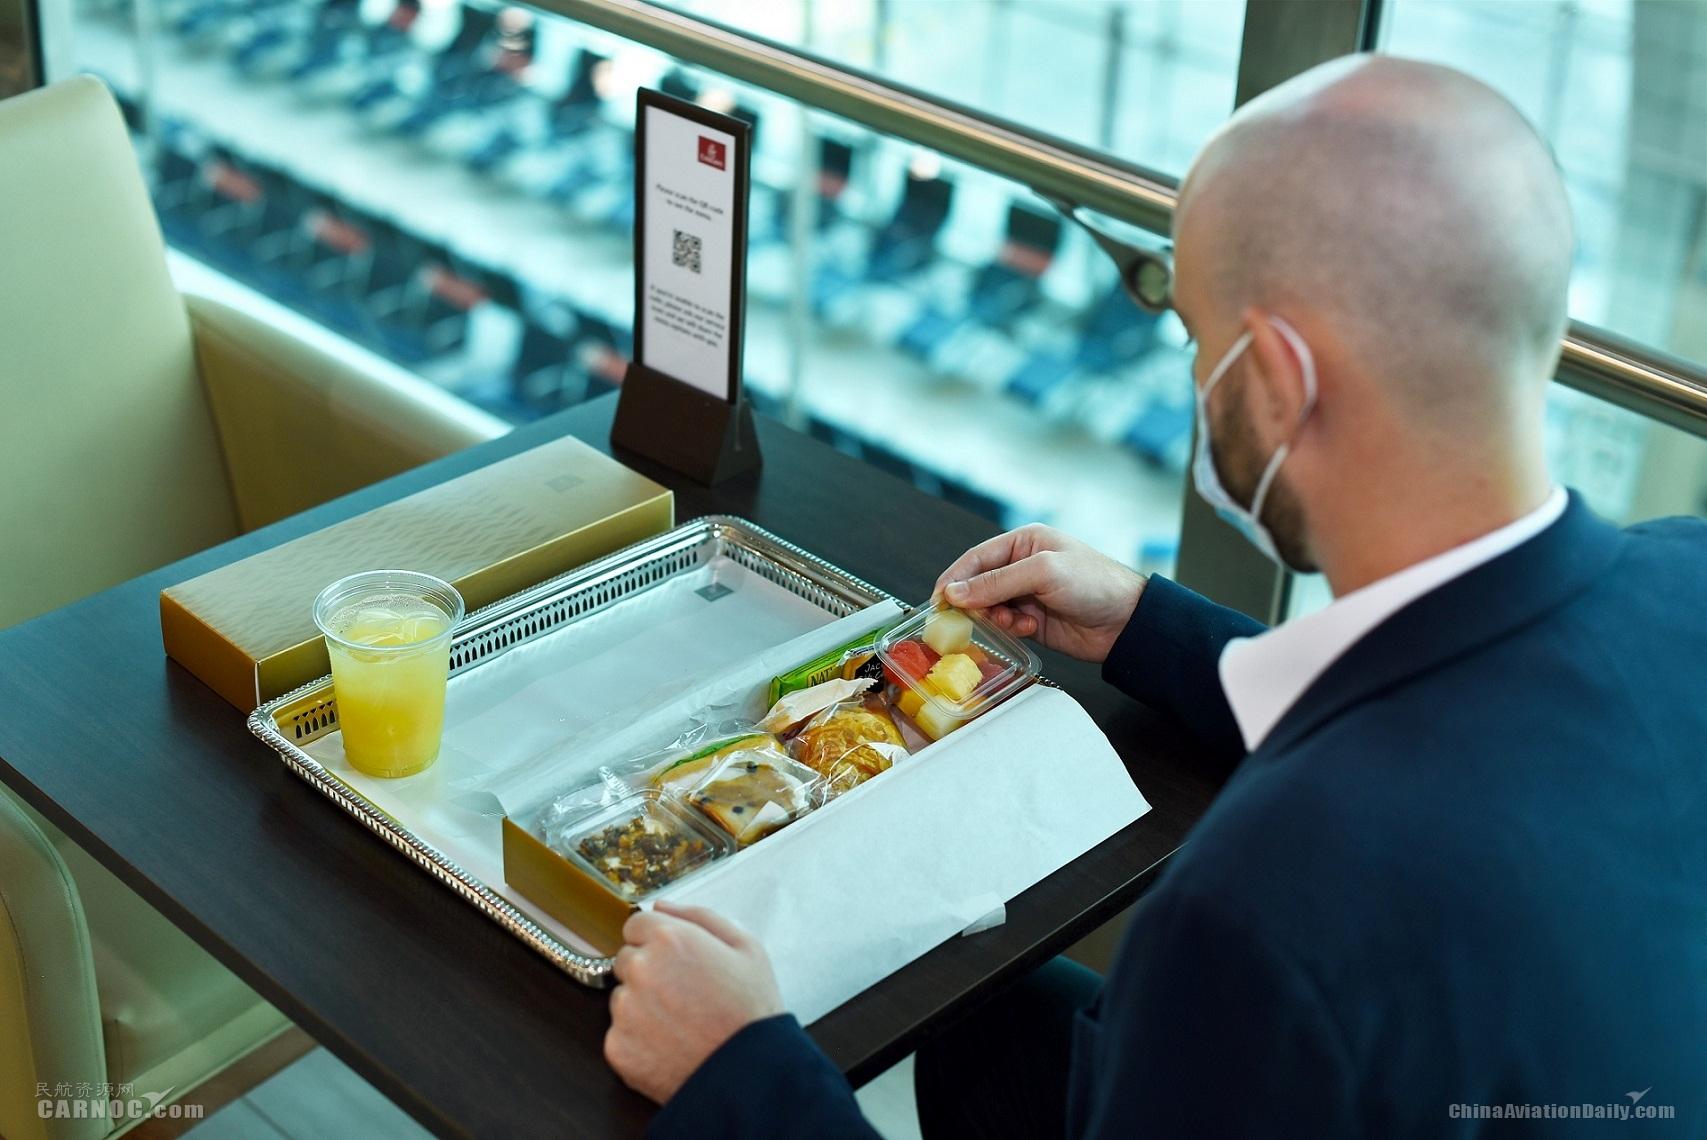 贵宾室提供的餐食将采用卫生的密封餐盒      阿联酋航空供图